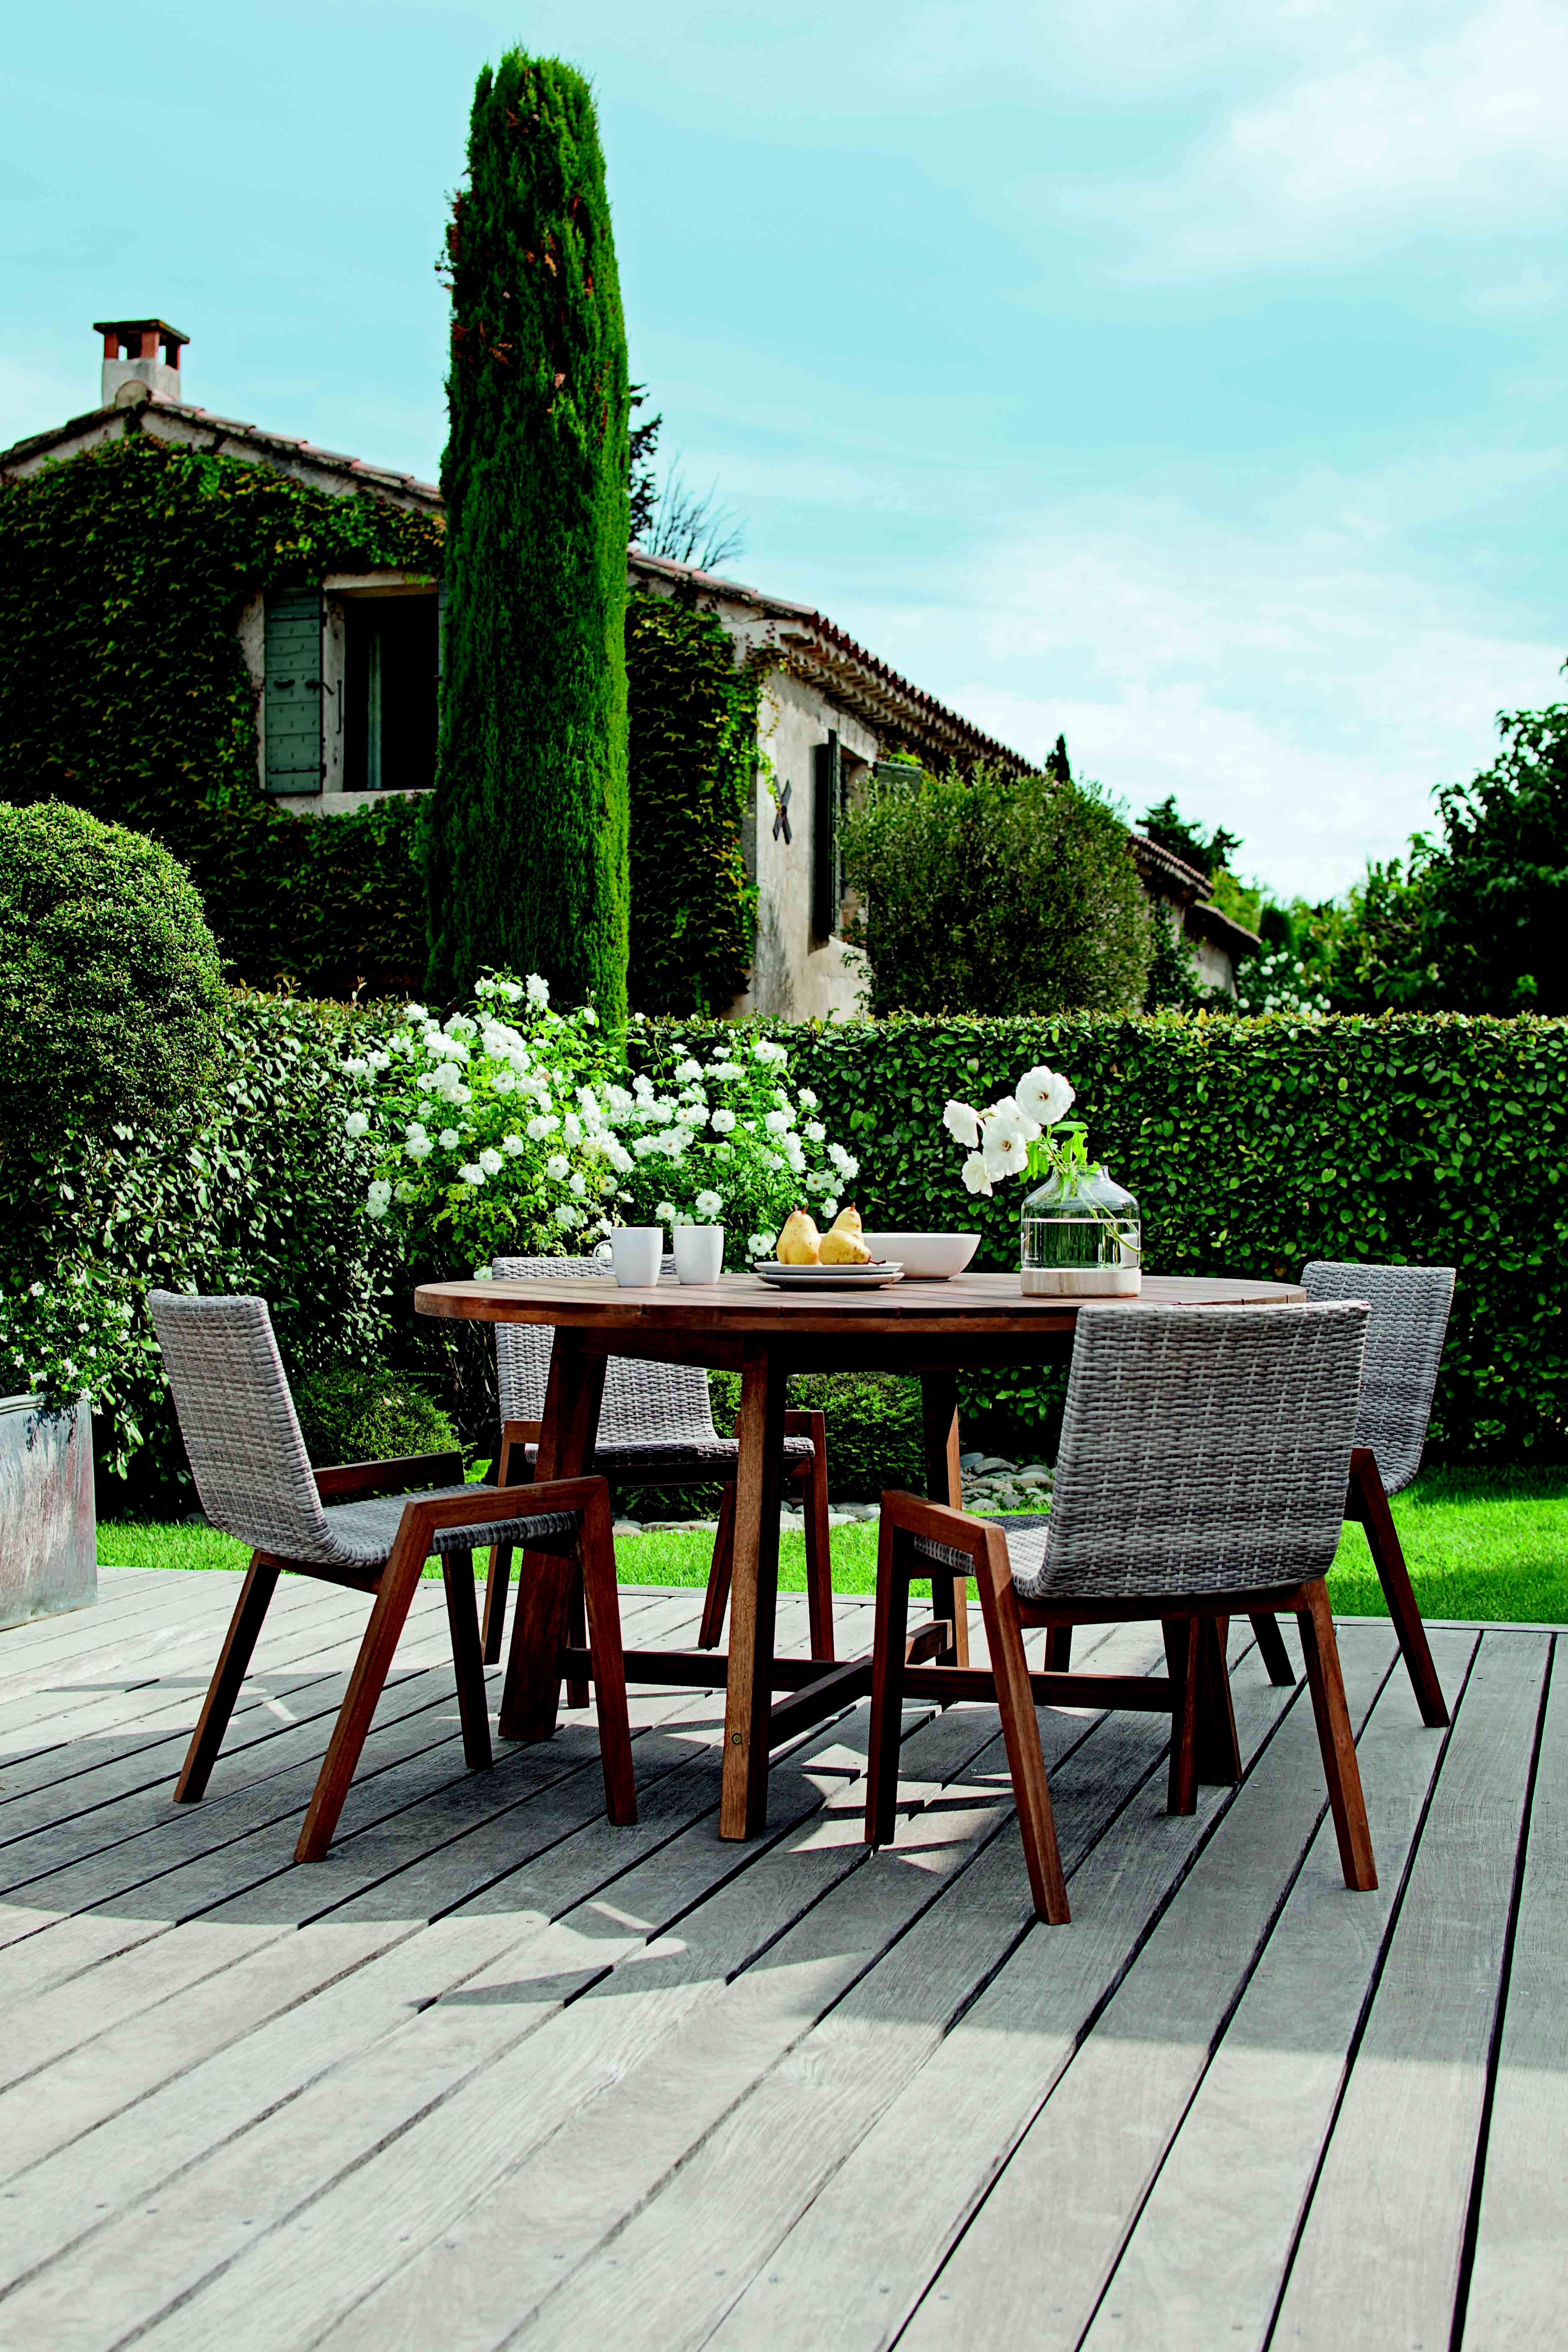 chaise salon de jardin jardiland jardin piscine et cabane. Black Bedroom Furniture Sets. Home Design Ideas